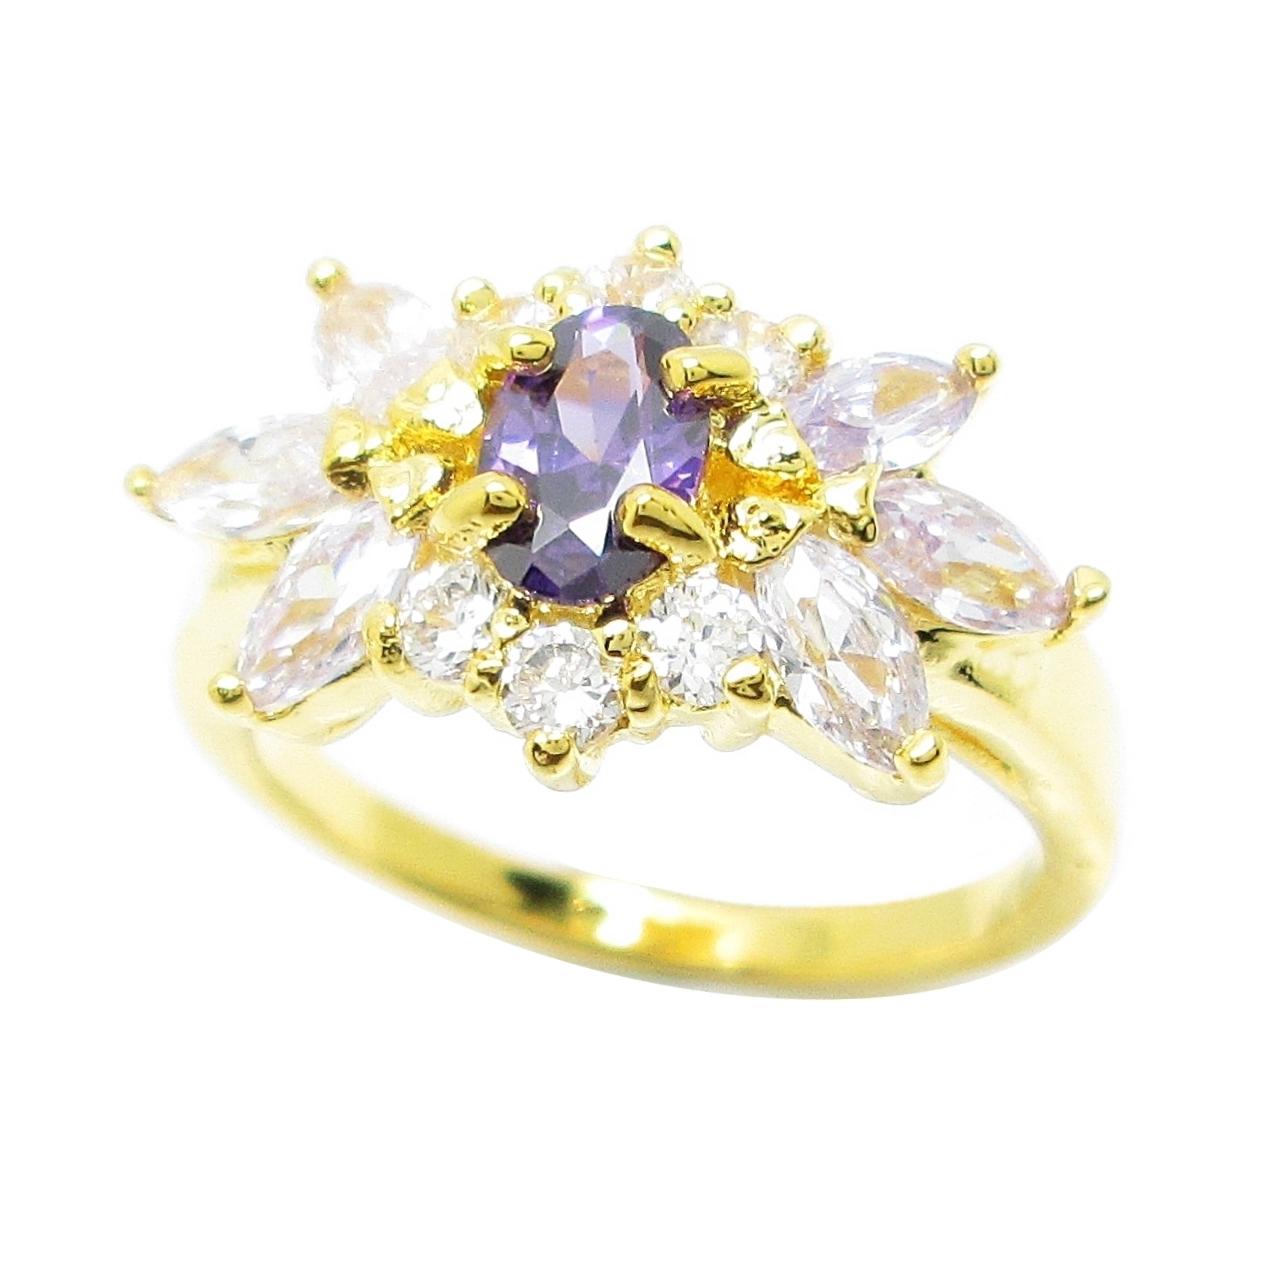 แหวนดอกไม้พลอยอเมทิสประดับเพชรและพลอยมาคีย์ลาเวนเดอร์ชุบทอง